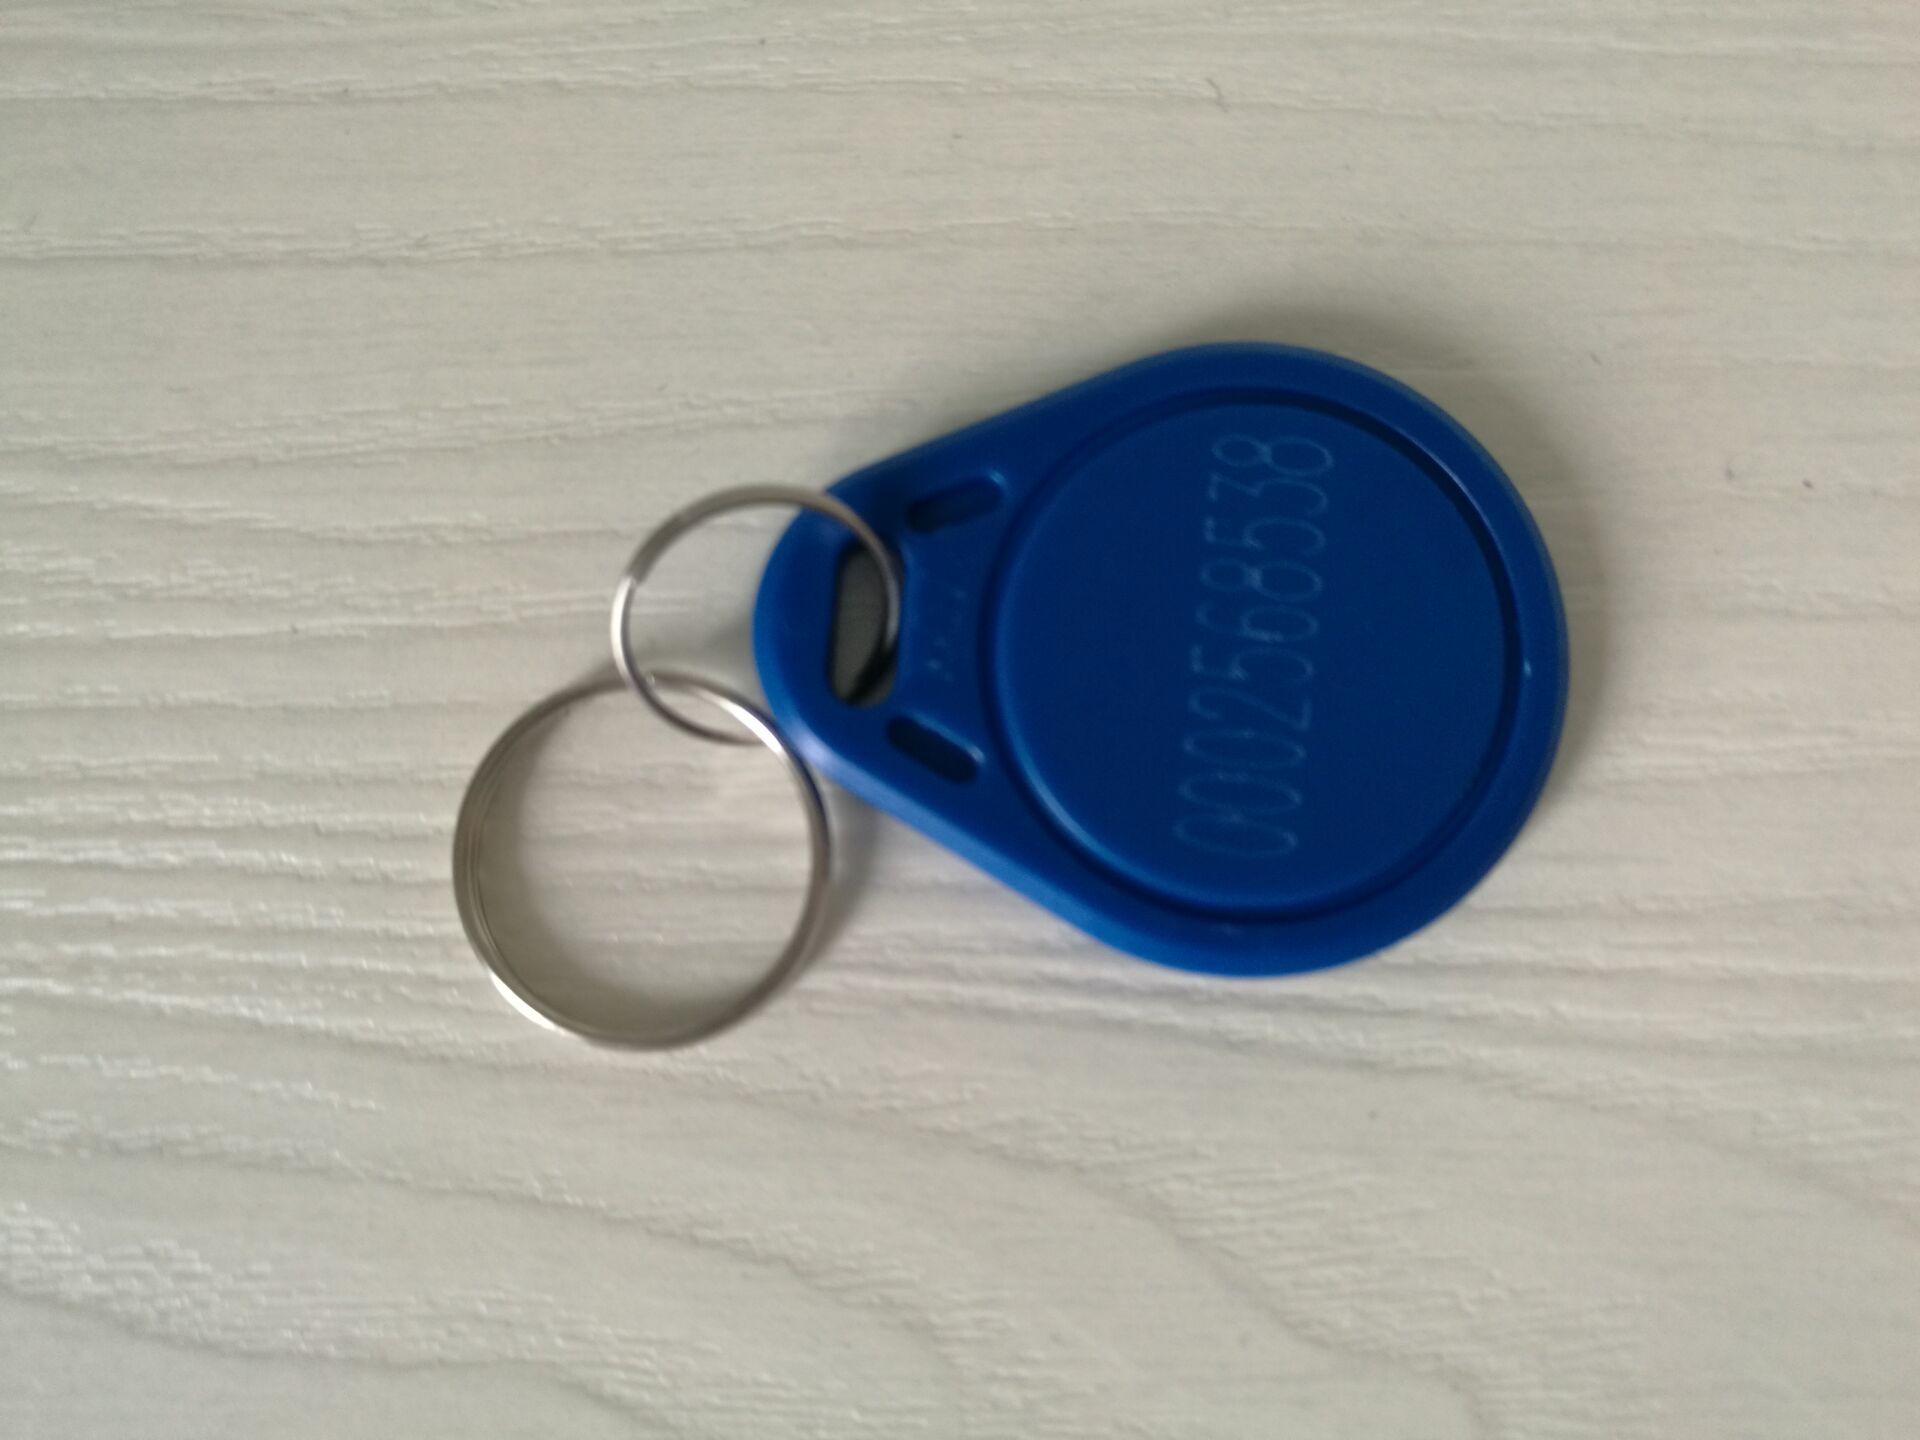 钥匙扣型IC卡